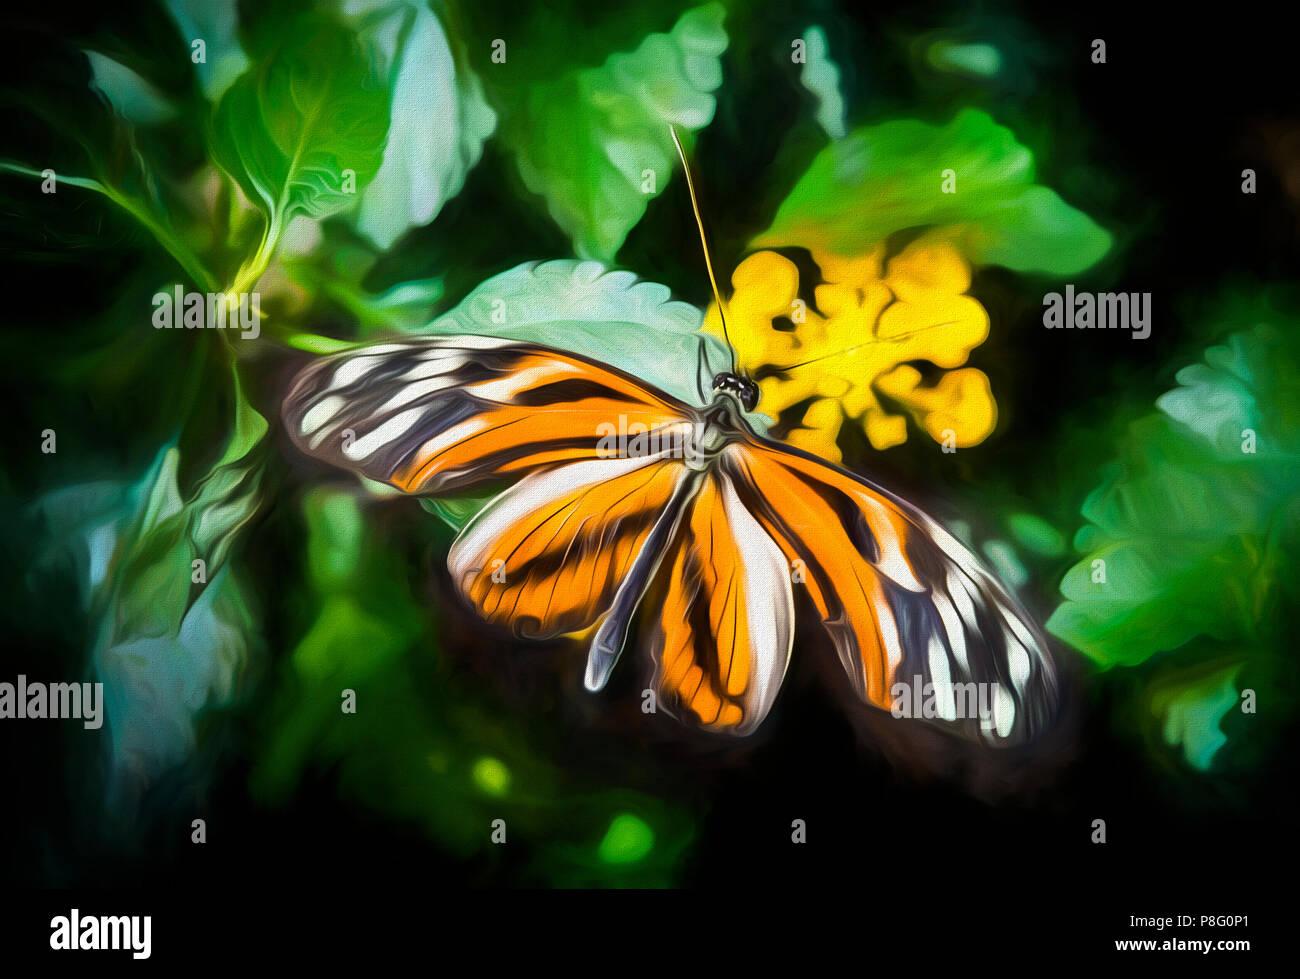 Farfalle nel mio stomaco datazione